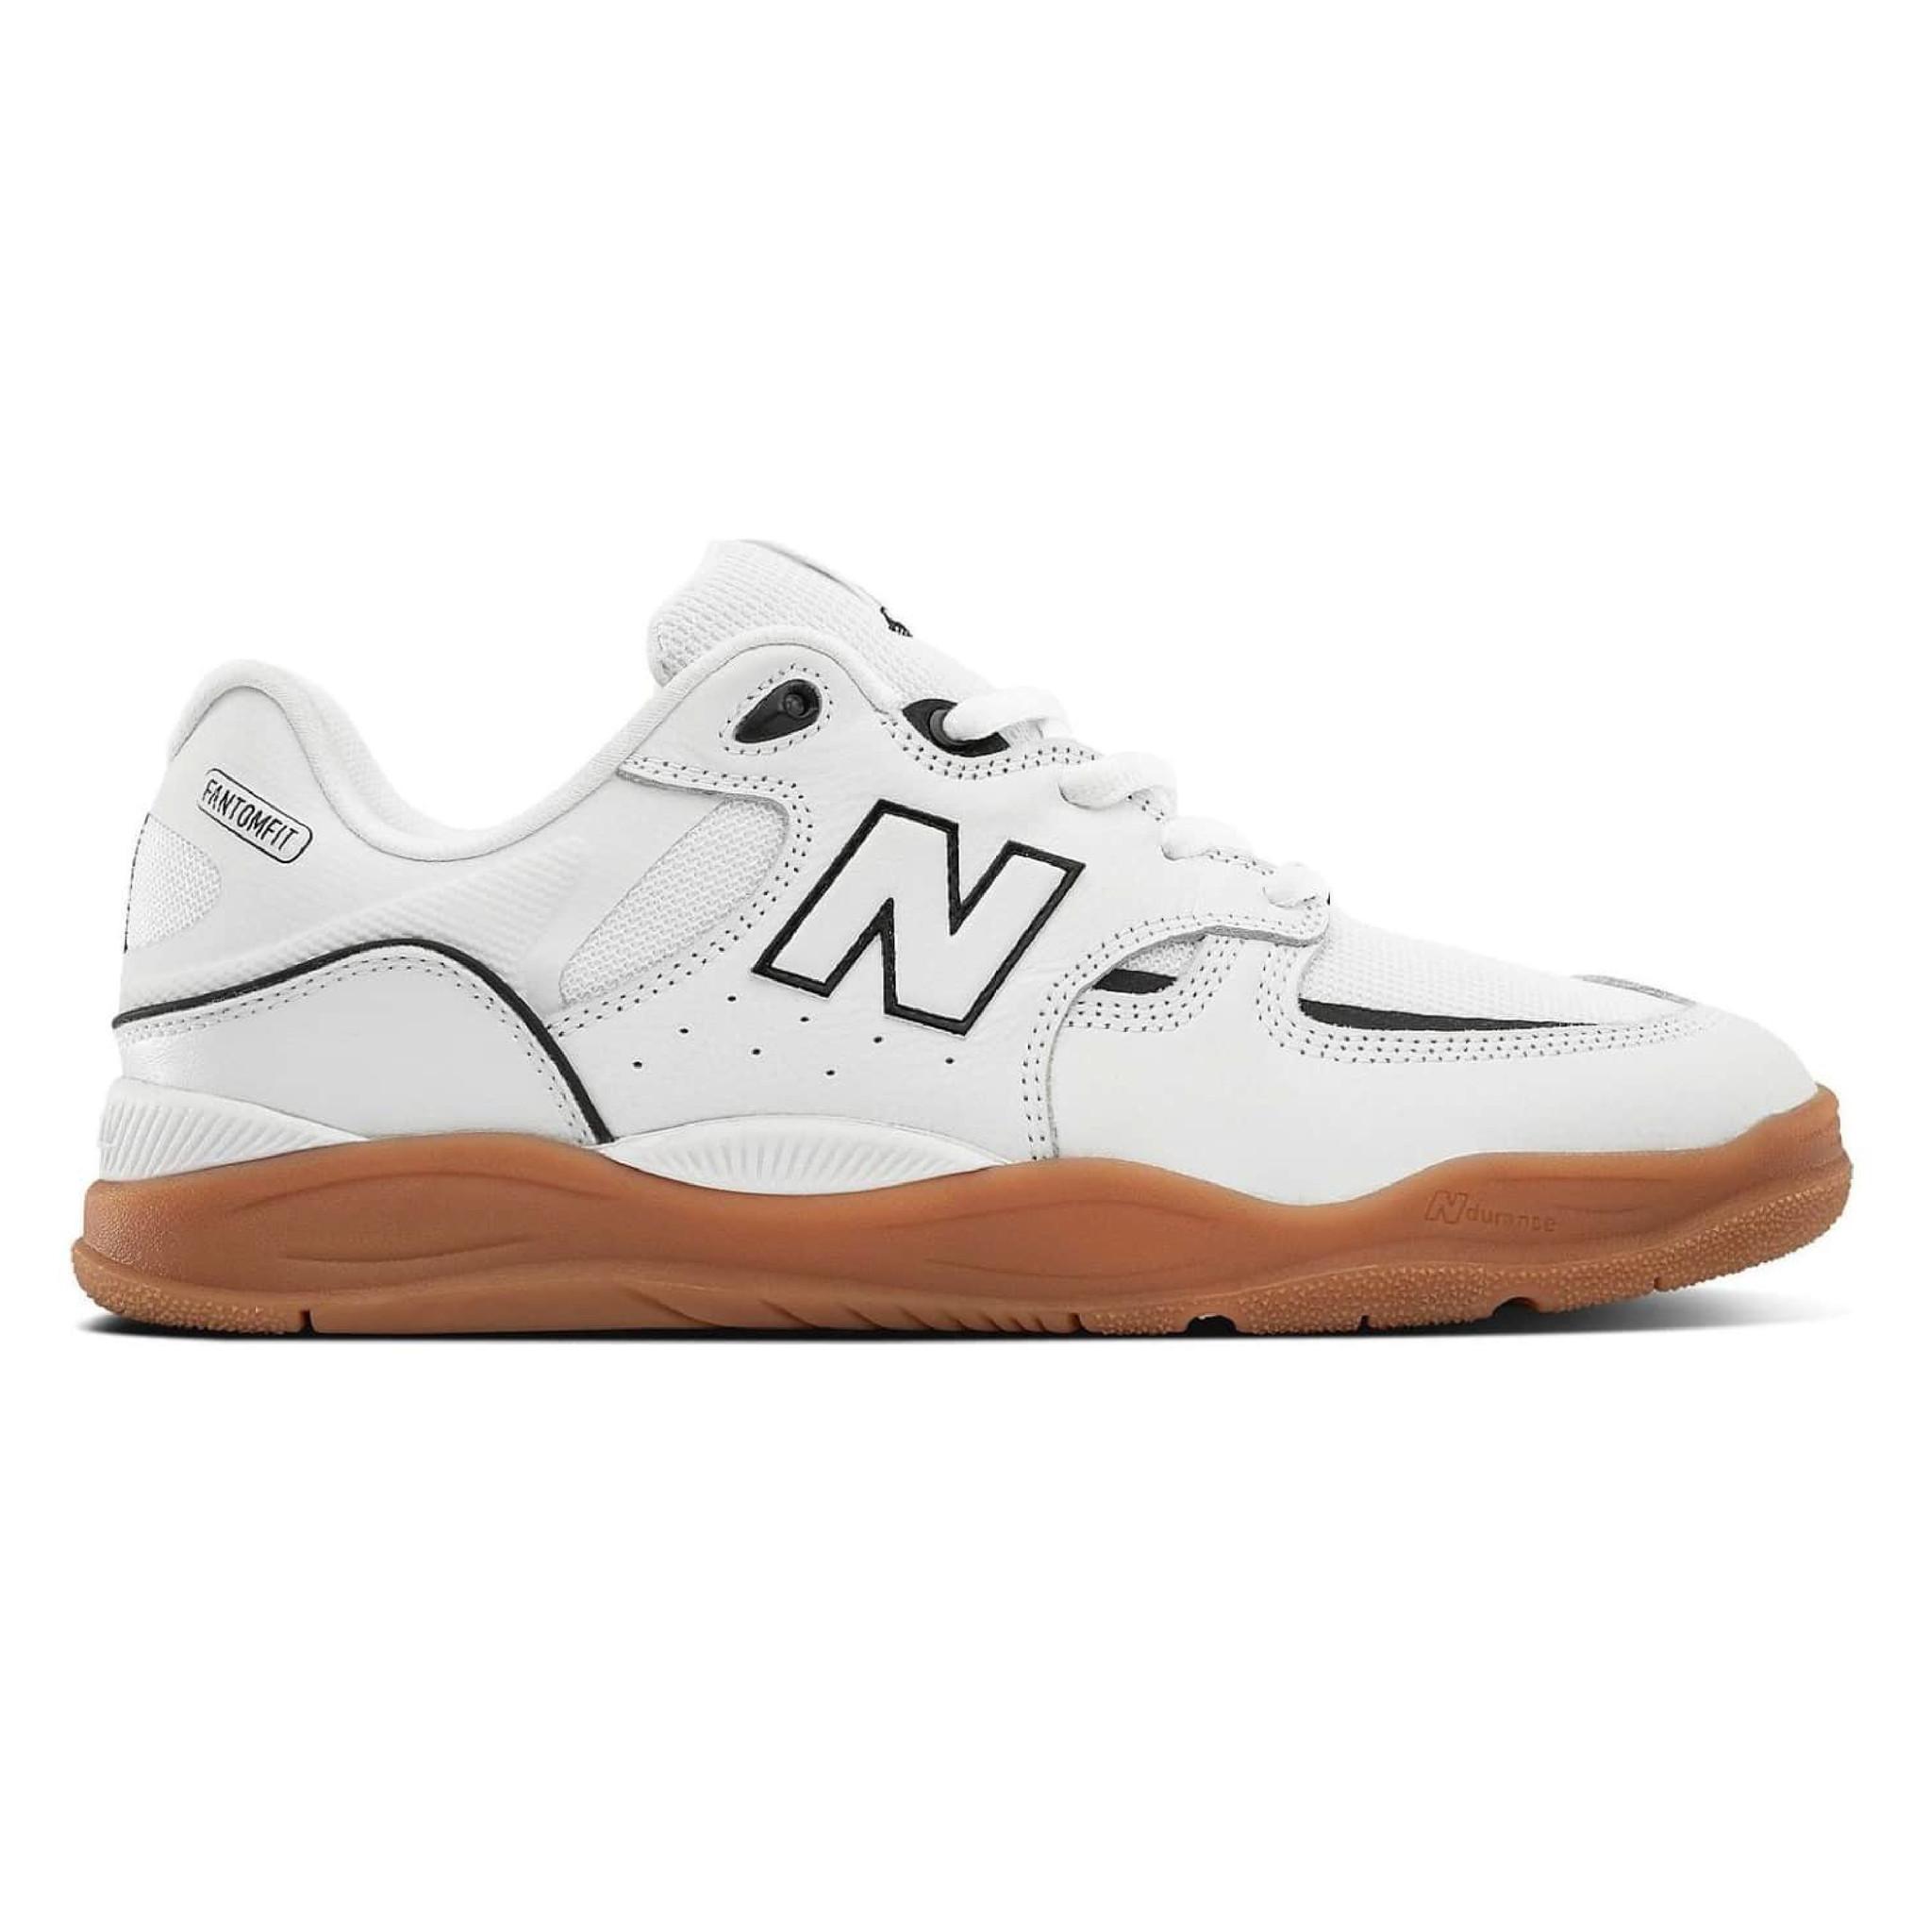 NB NUMERIC NB NUMERIC TIAGO 1010 WHITE/BLACK/GUM